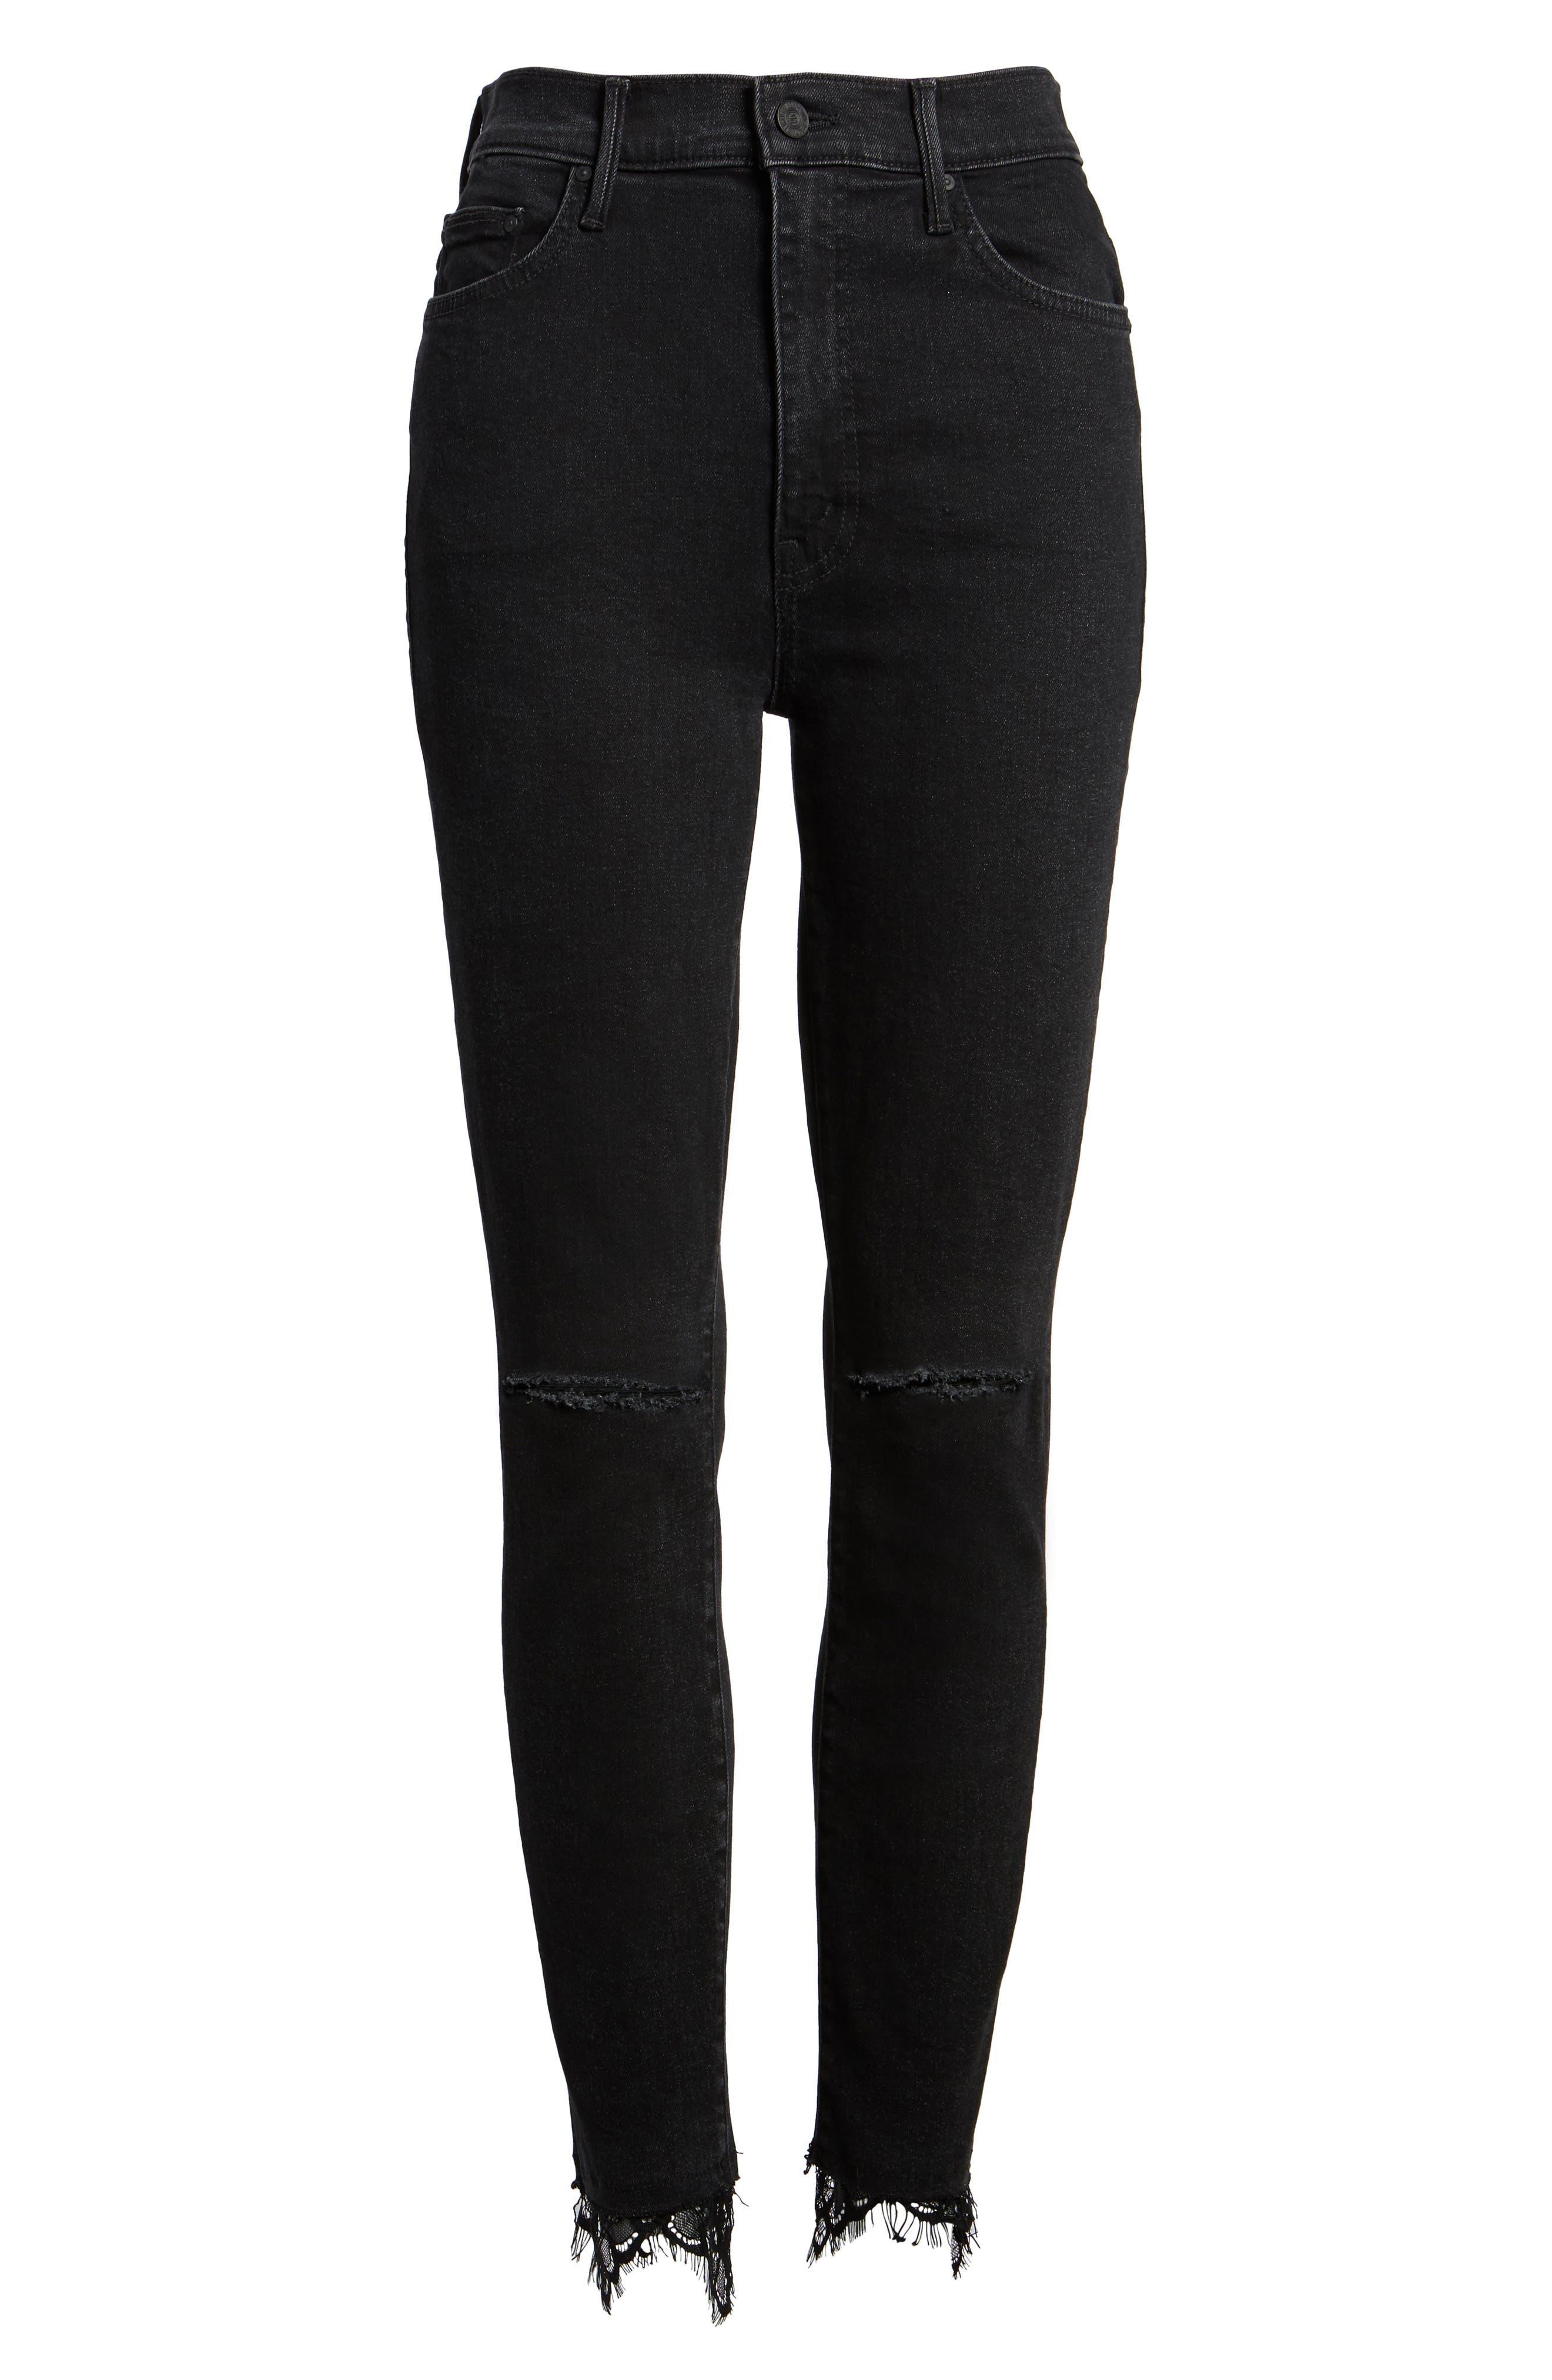 Swooner Dagger Ankle Skinny Jeans,                             Alternate thumbnail 6, color,                             Baa Baa Black Sheep